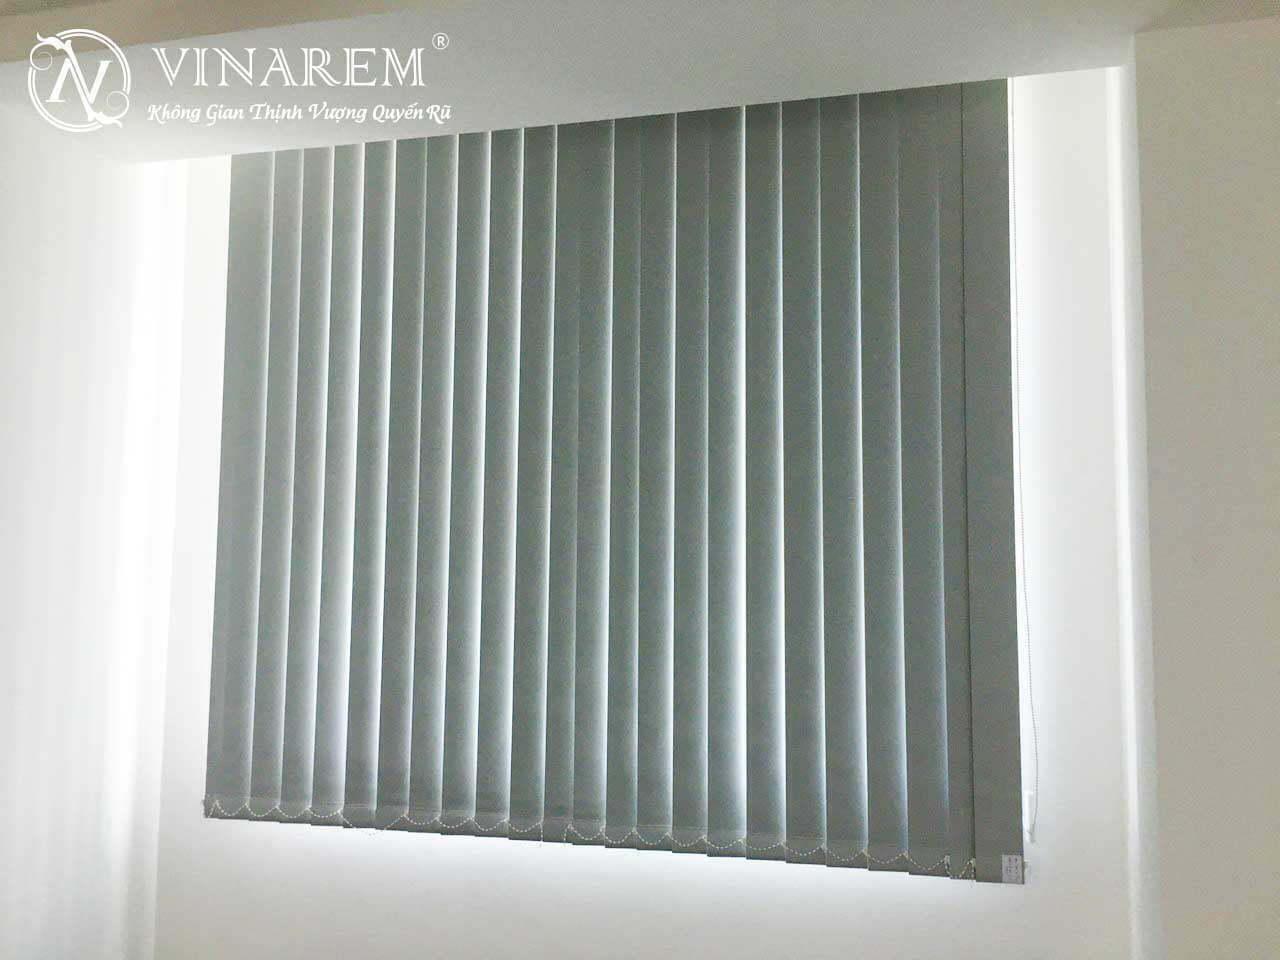 Rèm sáo dọc cho cửa sở văn phòng | Vinarem